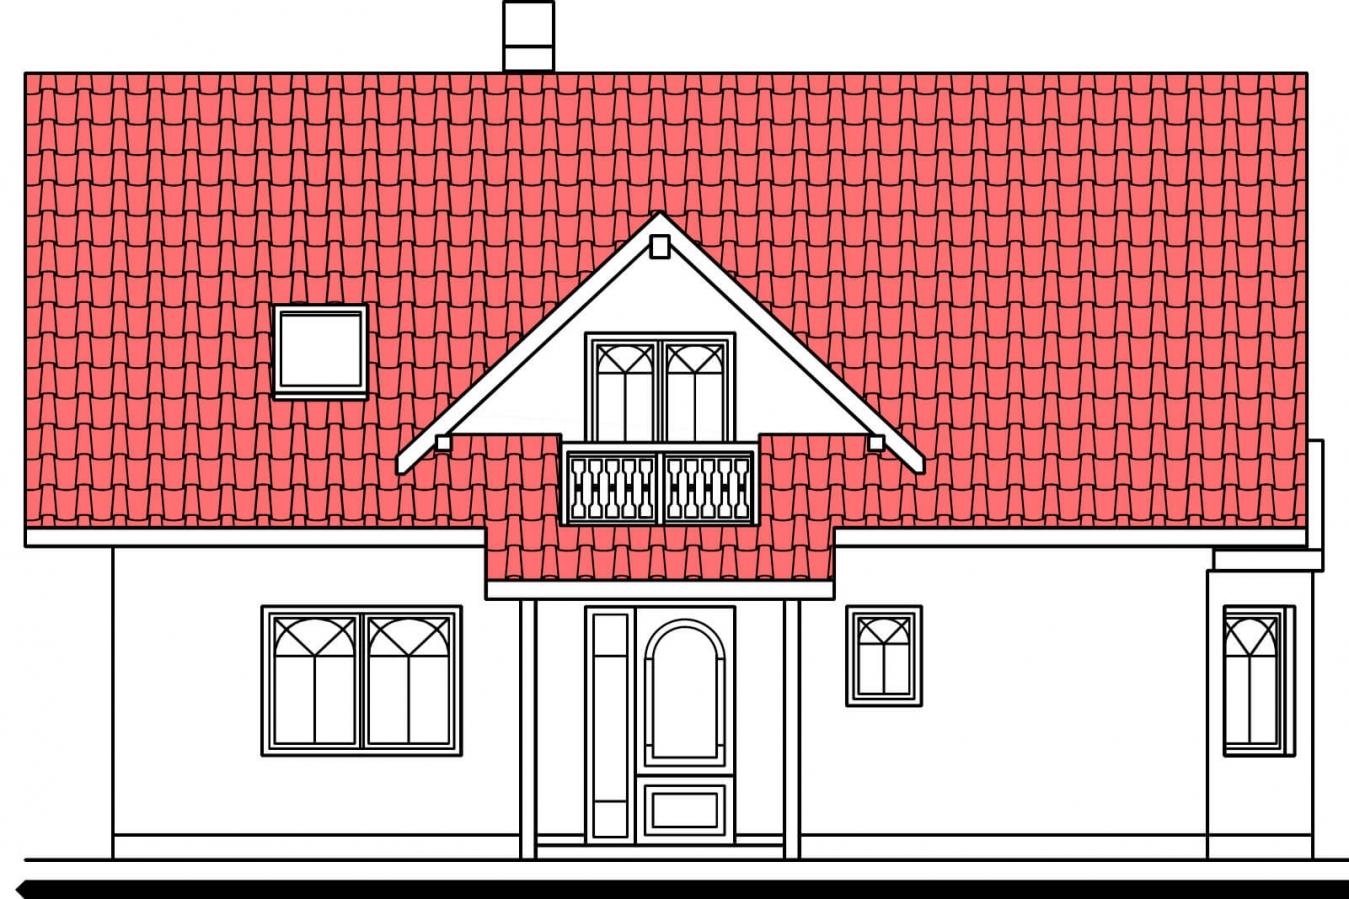 Pohľad 1. - Projekt domu na úzky pozemok so suterénom.